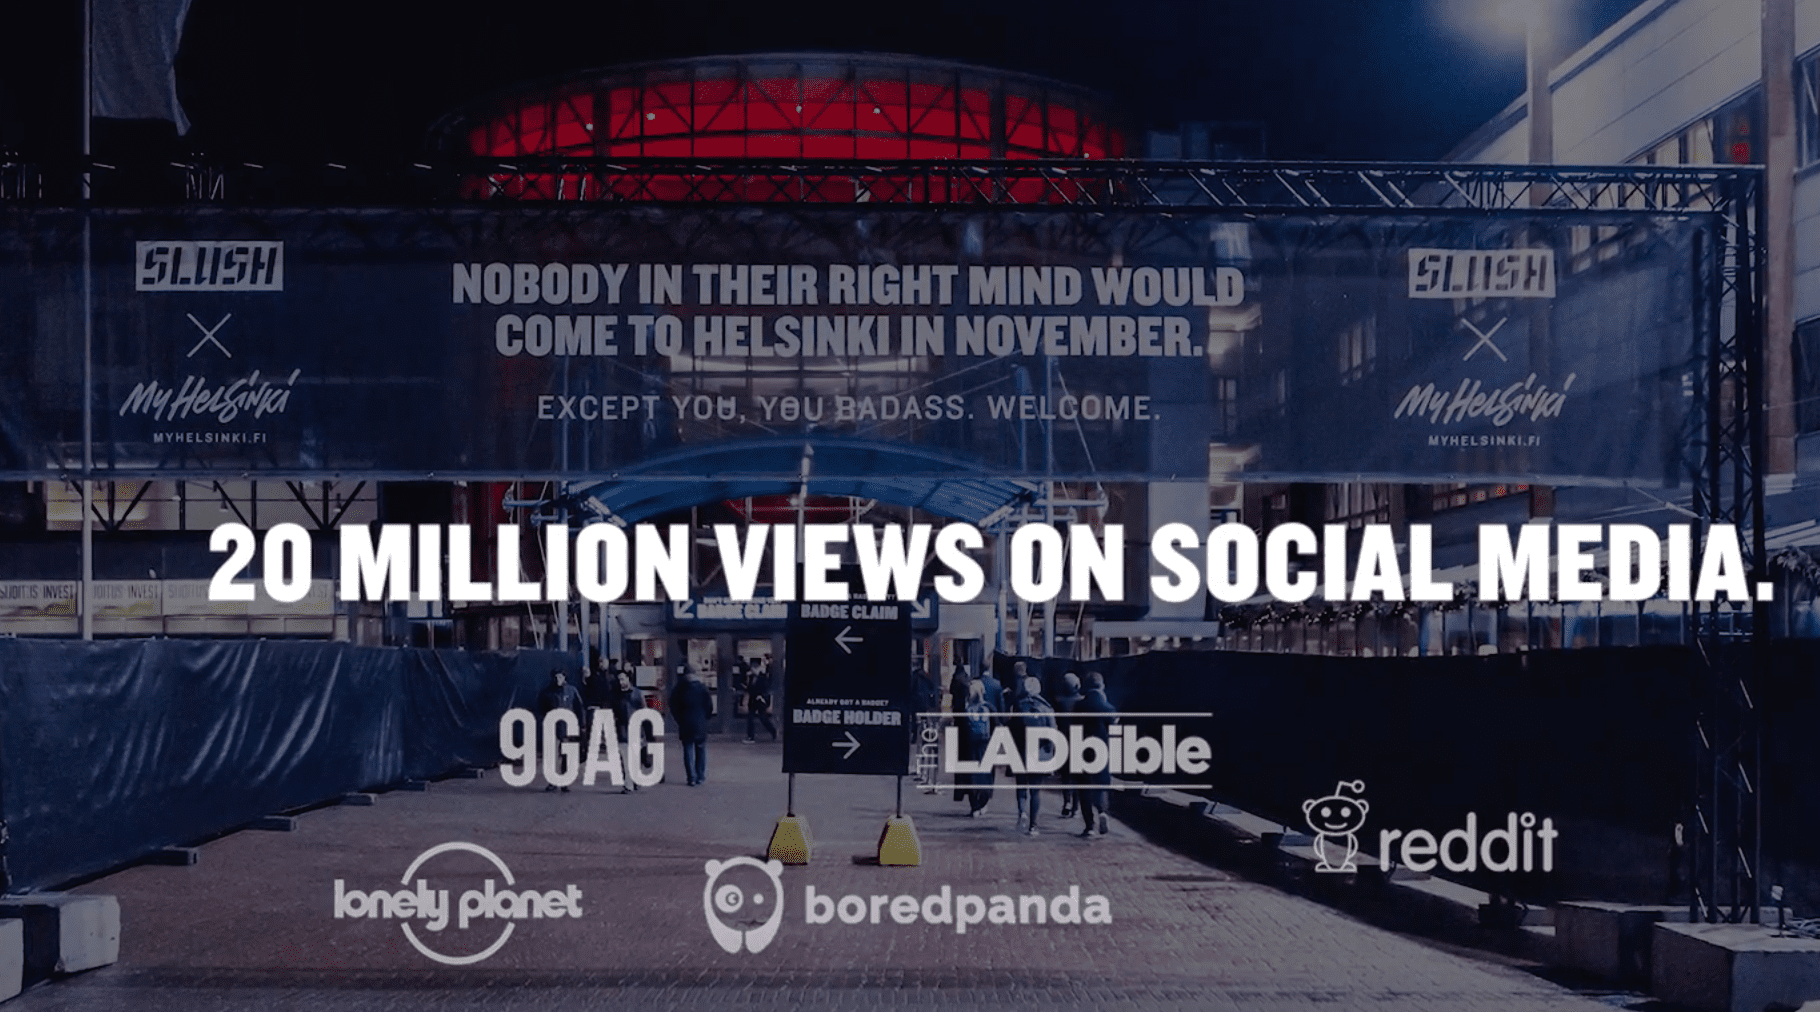 20 million views on social media